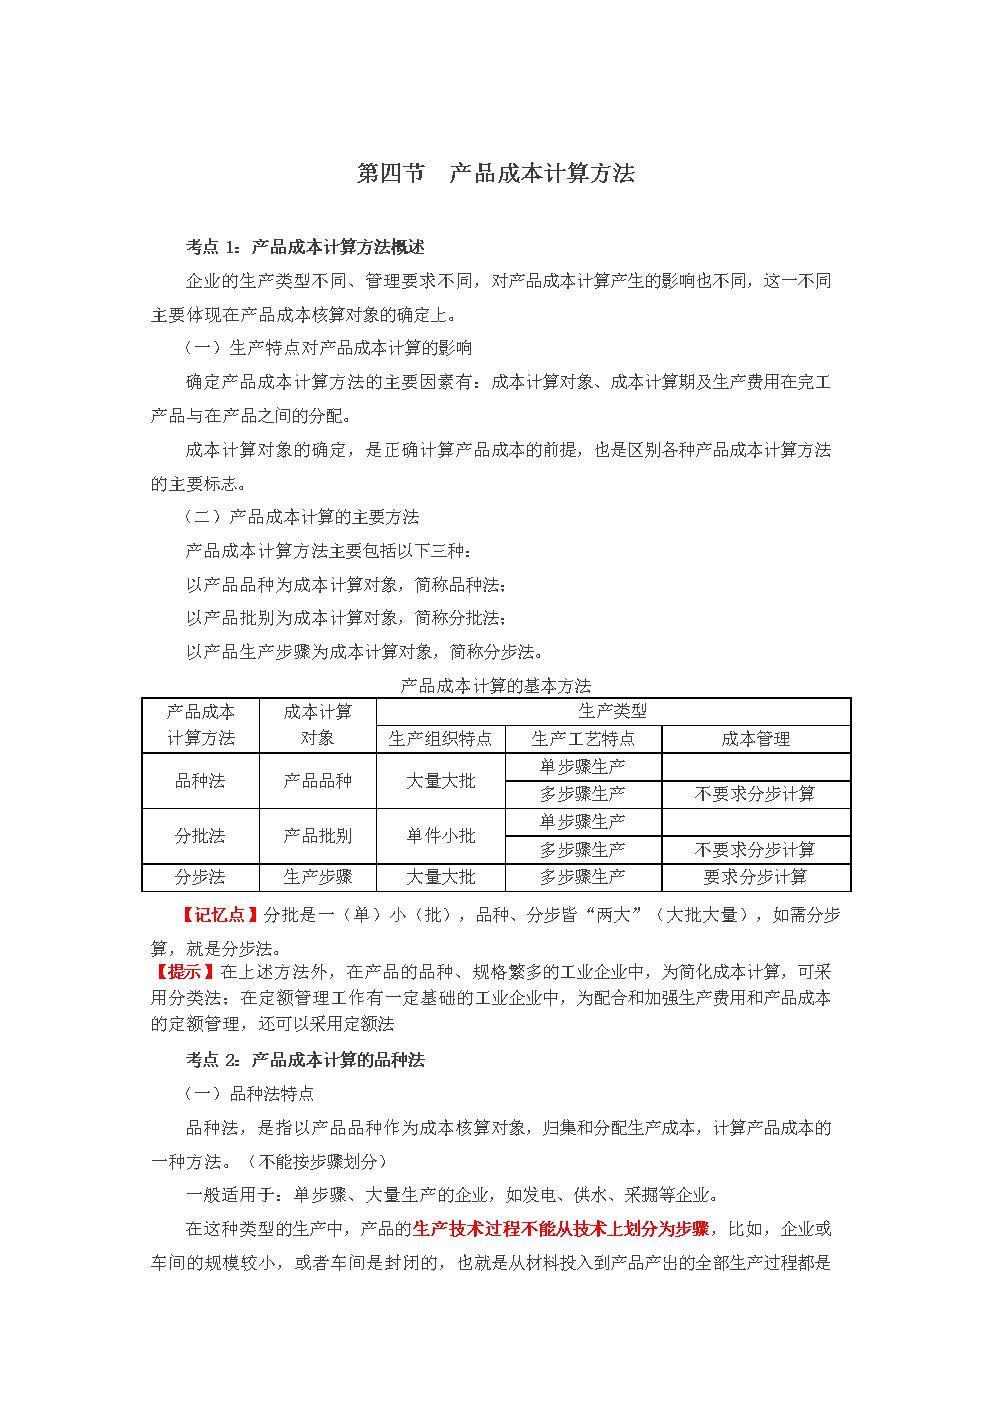 会计实务第七章第四节产品成本计算方法.doc